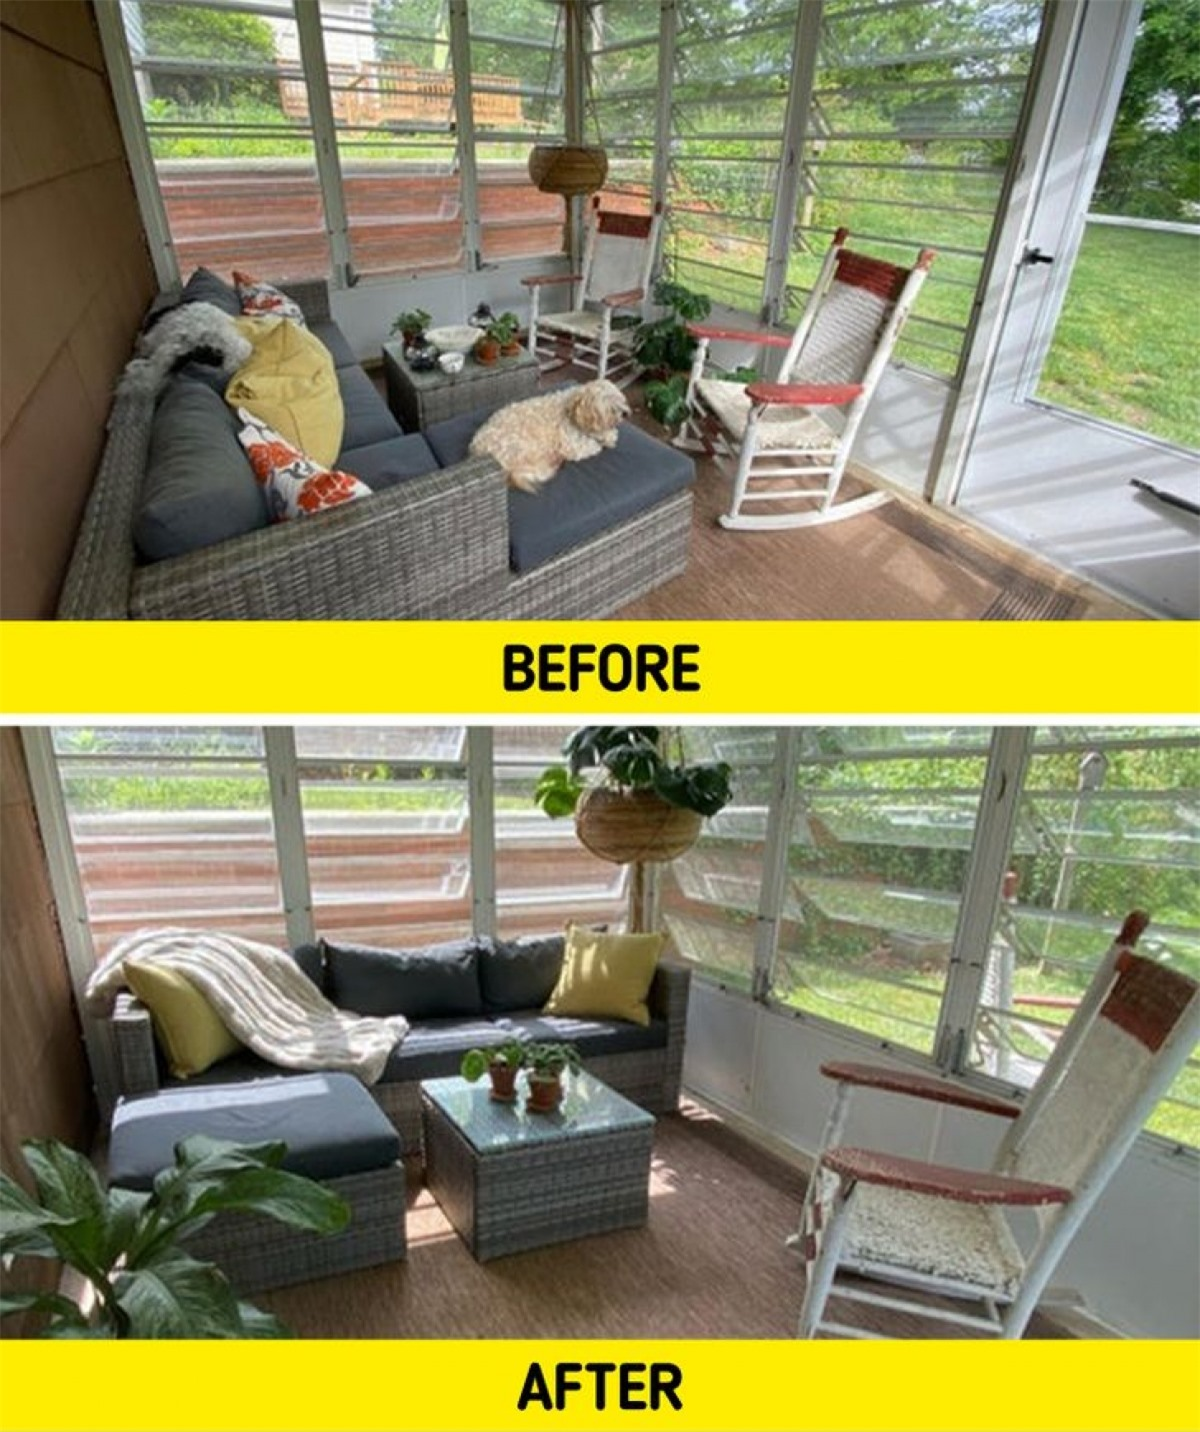 Kê lại ghế sofa để hưởng trọn vẹn sự ấm áp của ánh nắng mặt trời cùng đặt thêm vài chậu cây, căn phòng trông như bức ảnh chụp trên tạp chí.